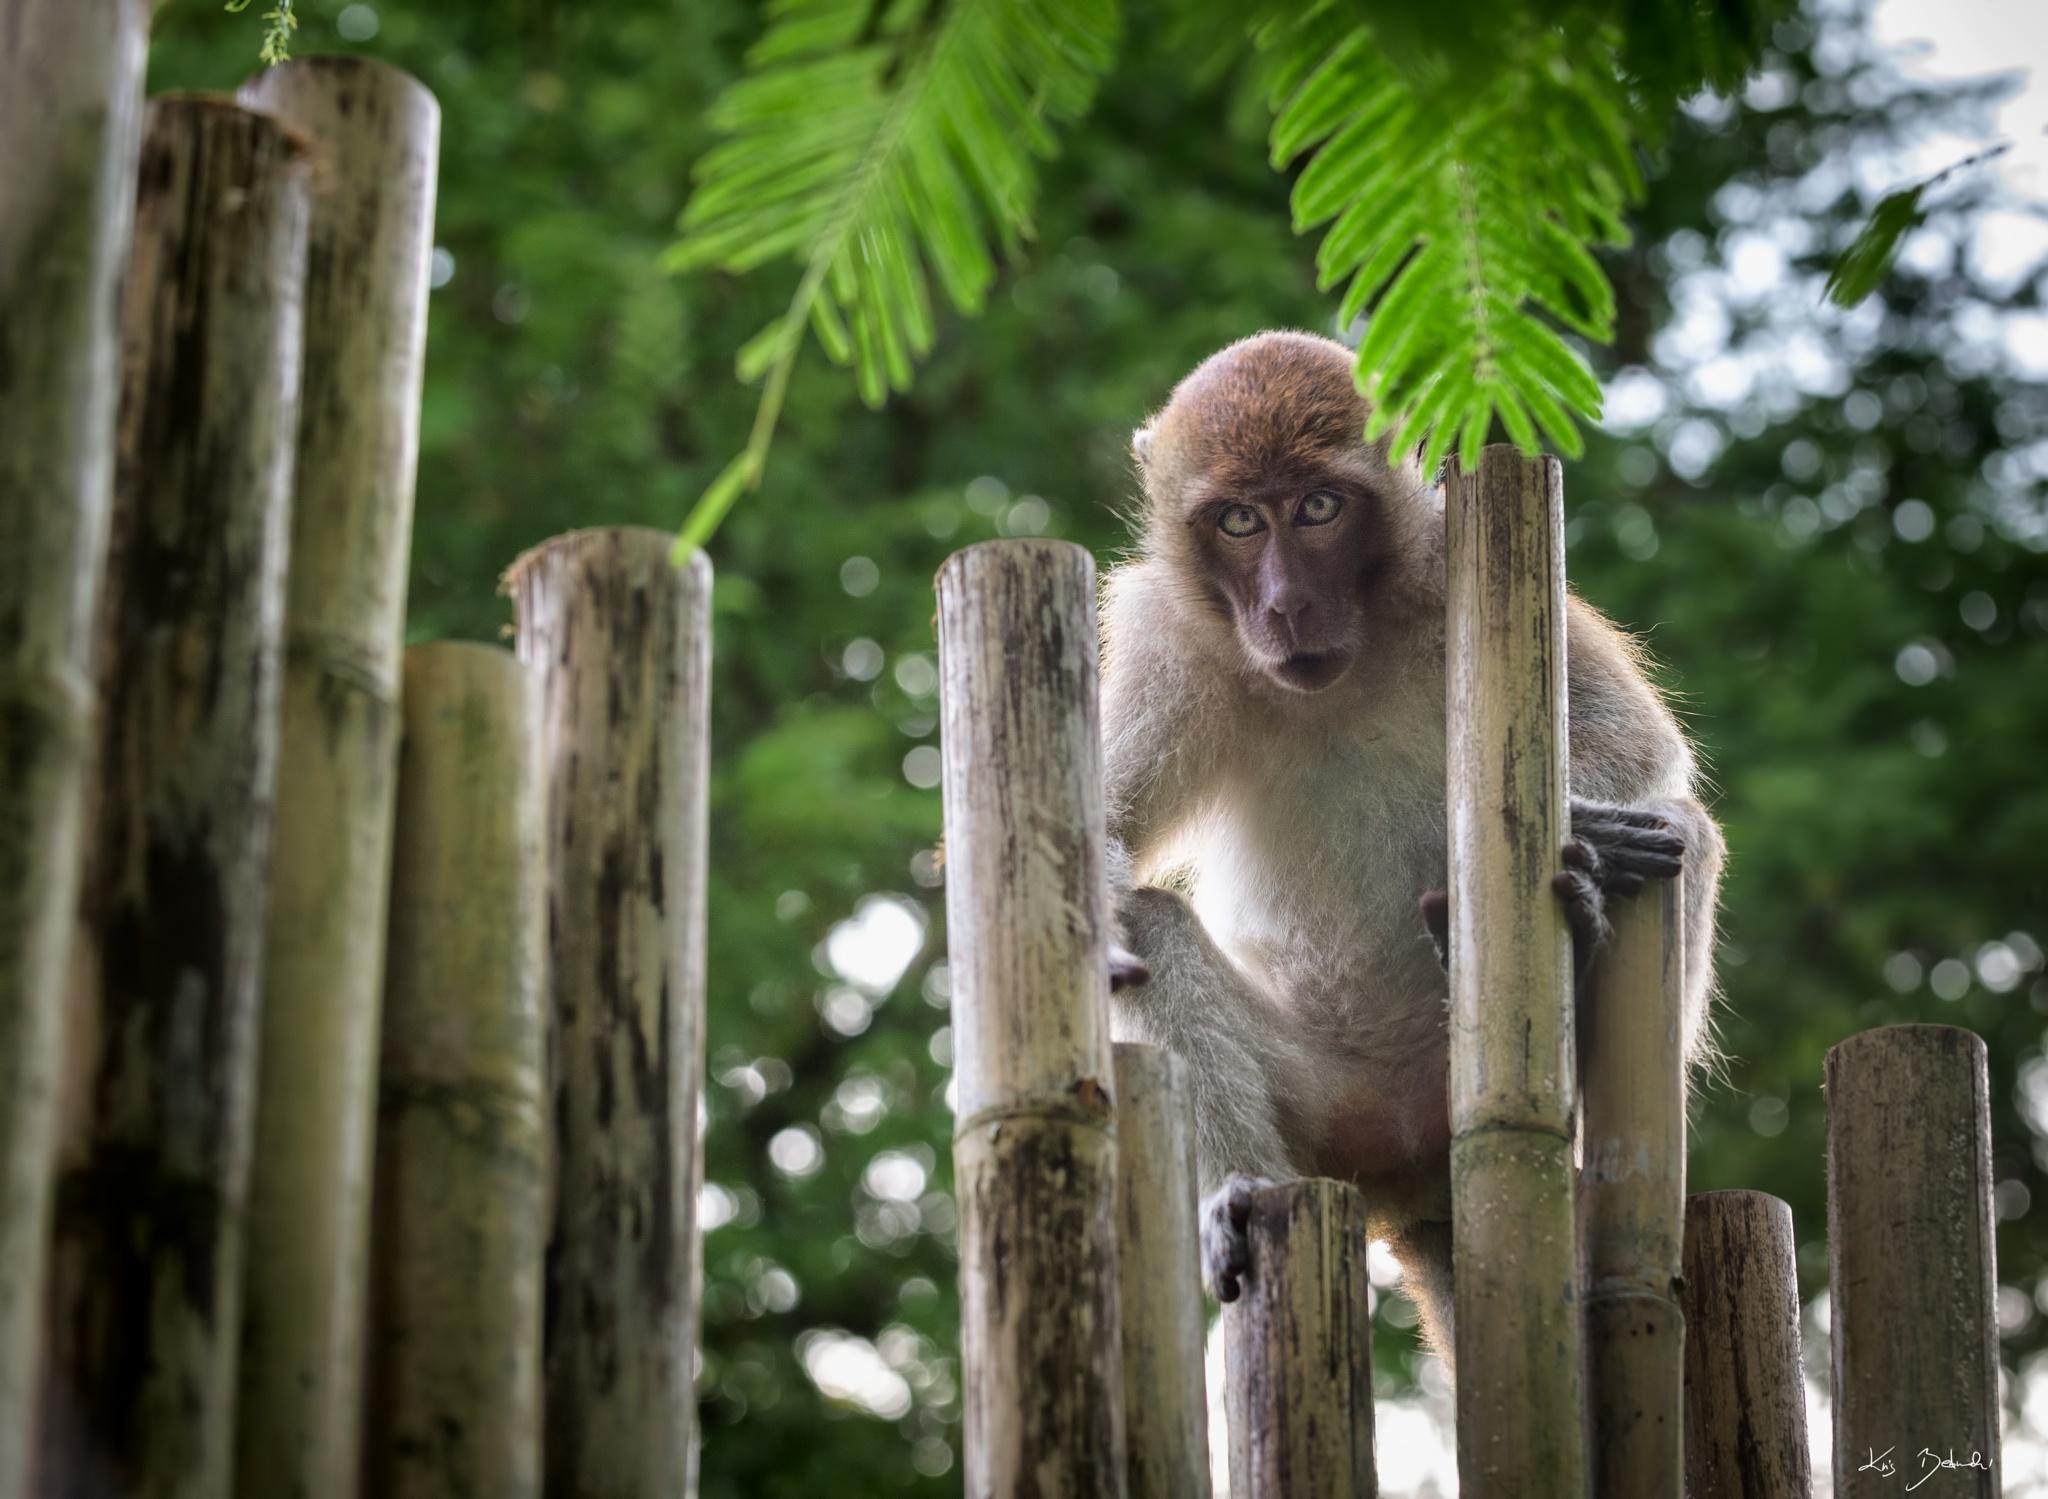 Wild Monkey  by KrisBednarzewski